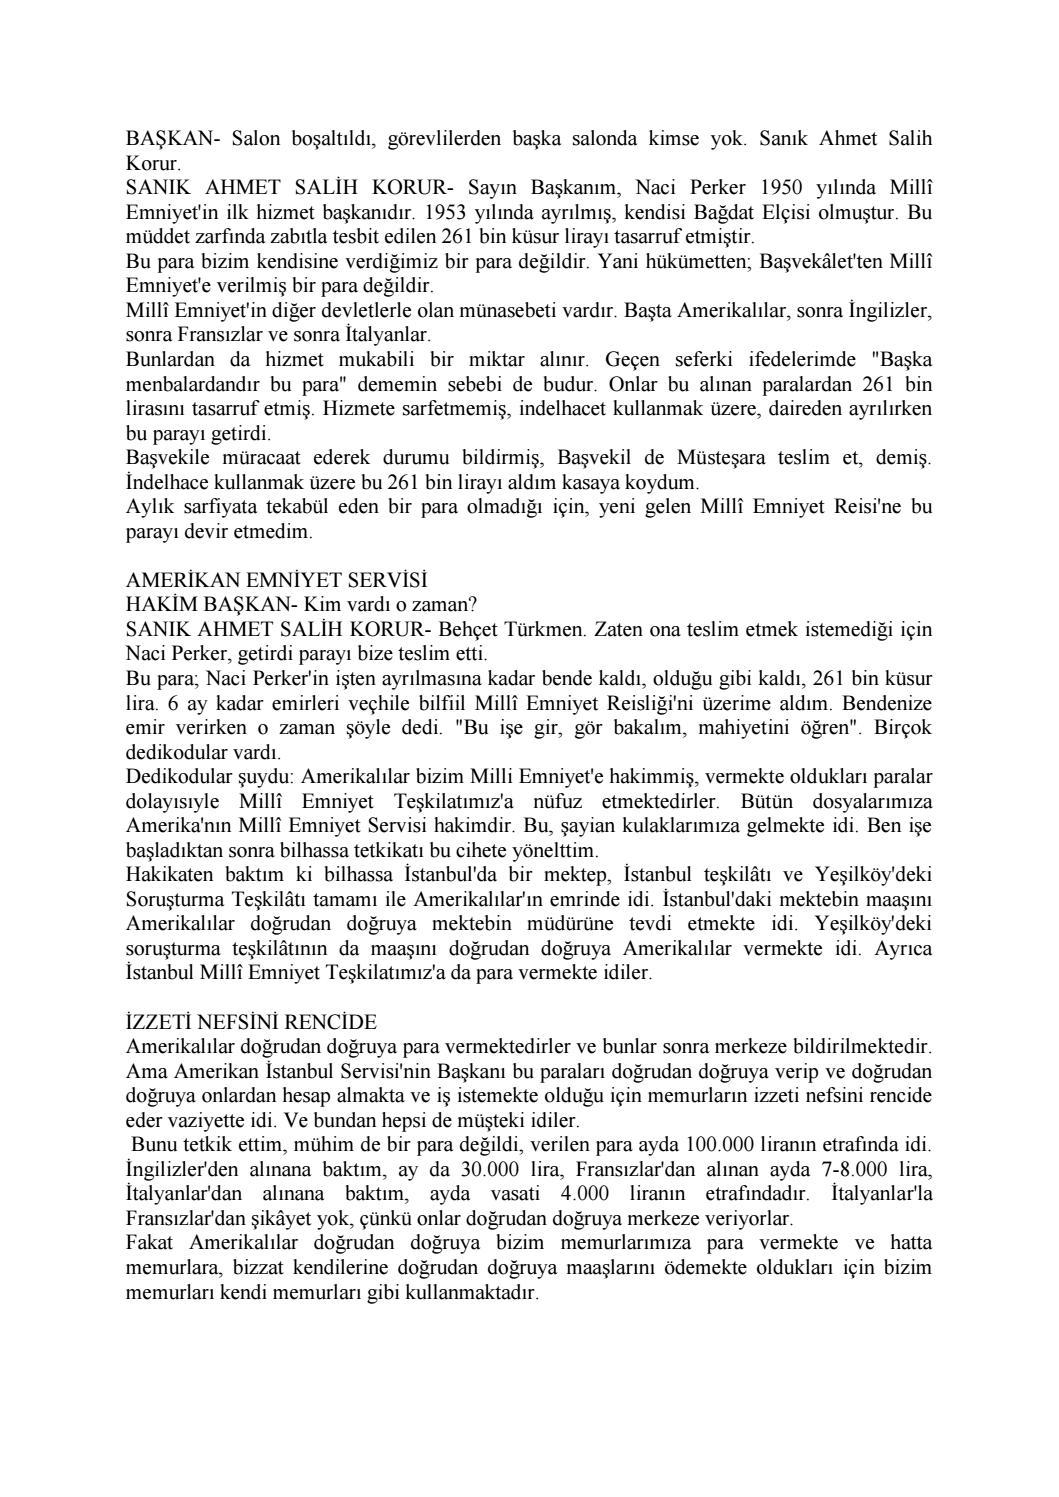 Hesaplasma ömer Gürcan Tuncay çelen By Mustafa Kemal Gültekin Issuu